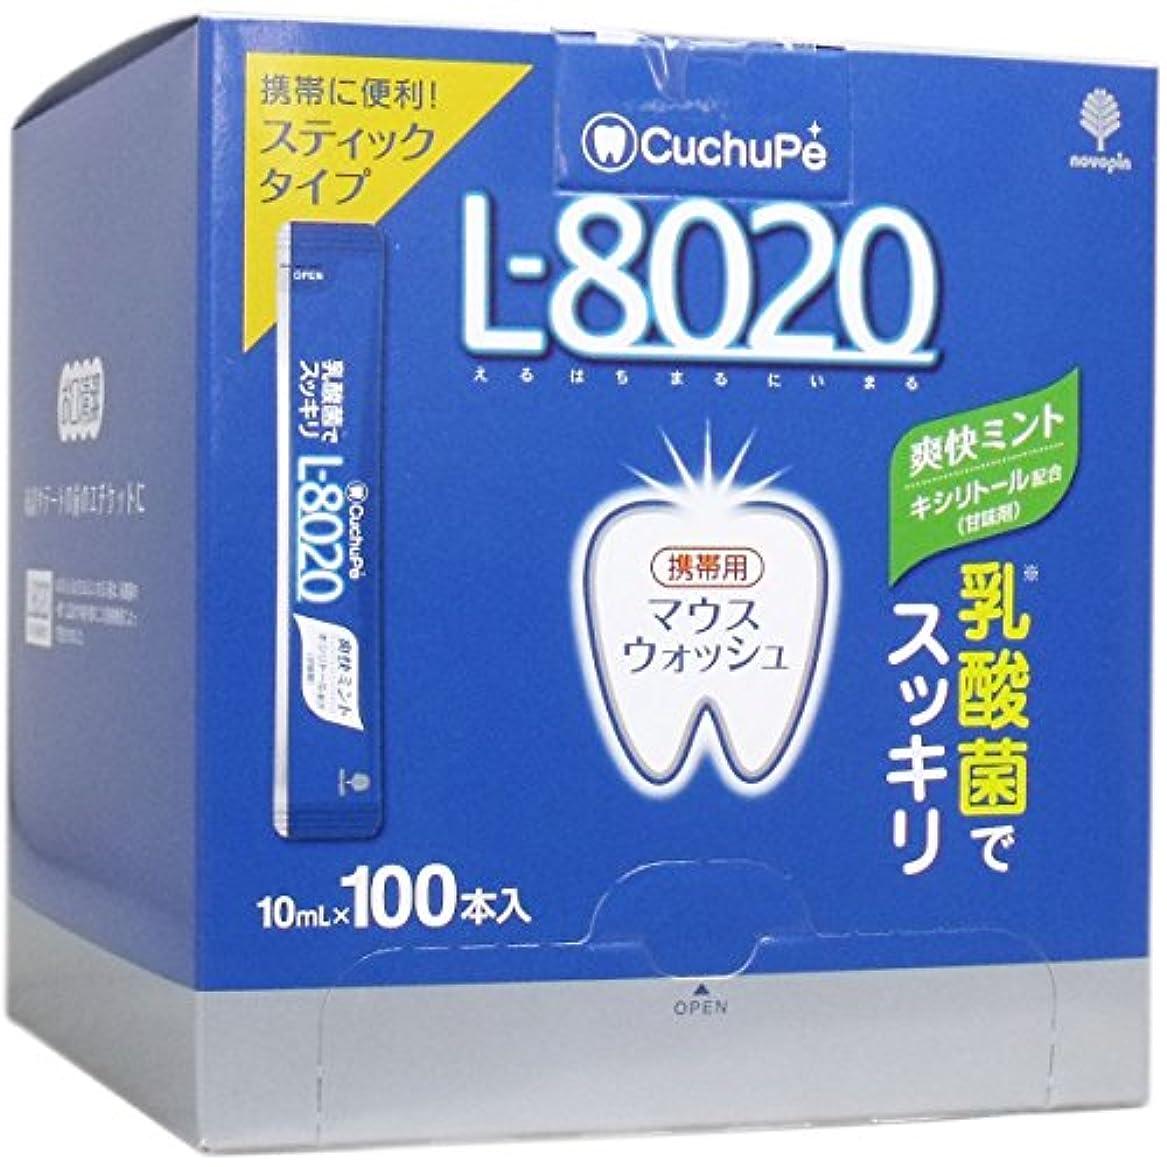 タイプ形式染色クチュッペ L-8020 マウスウォッシュ 爽快ミント スティックタイプ 100本入